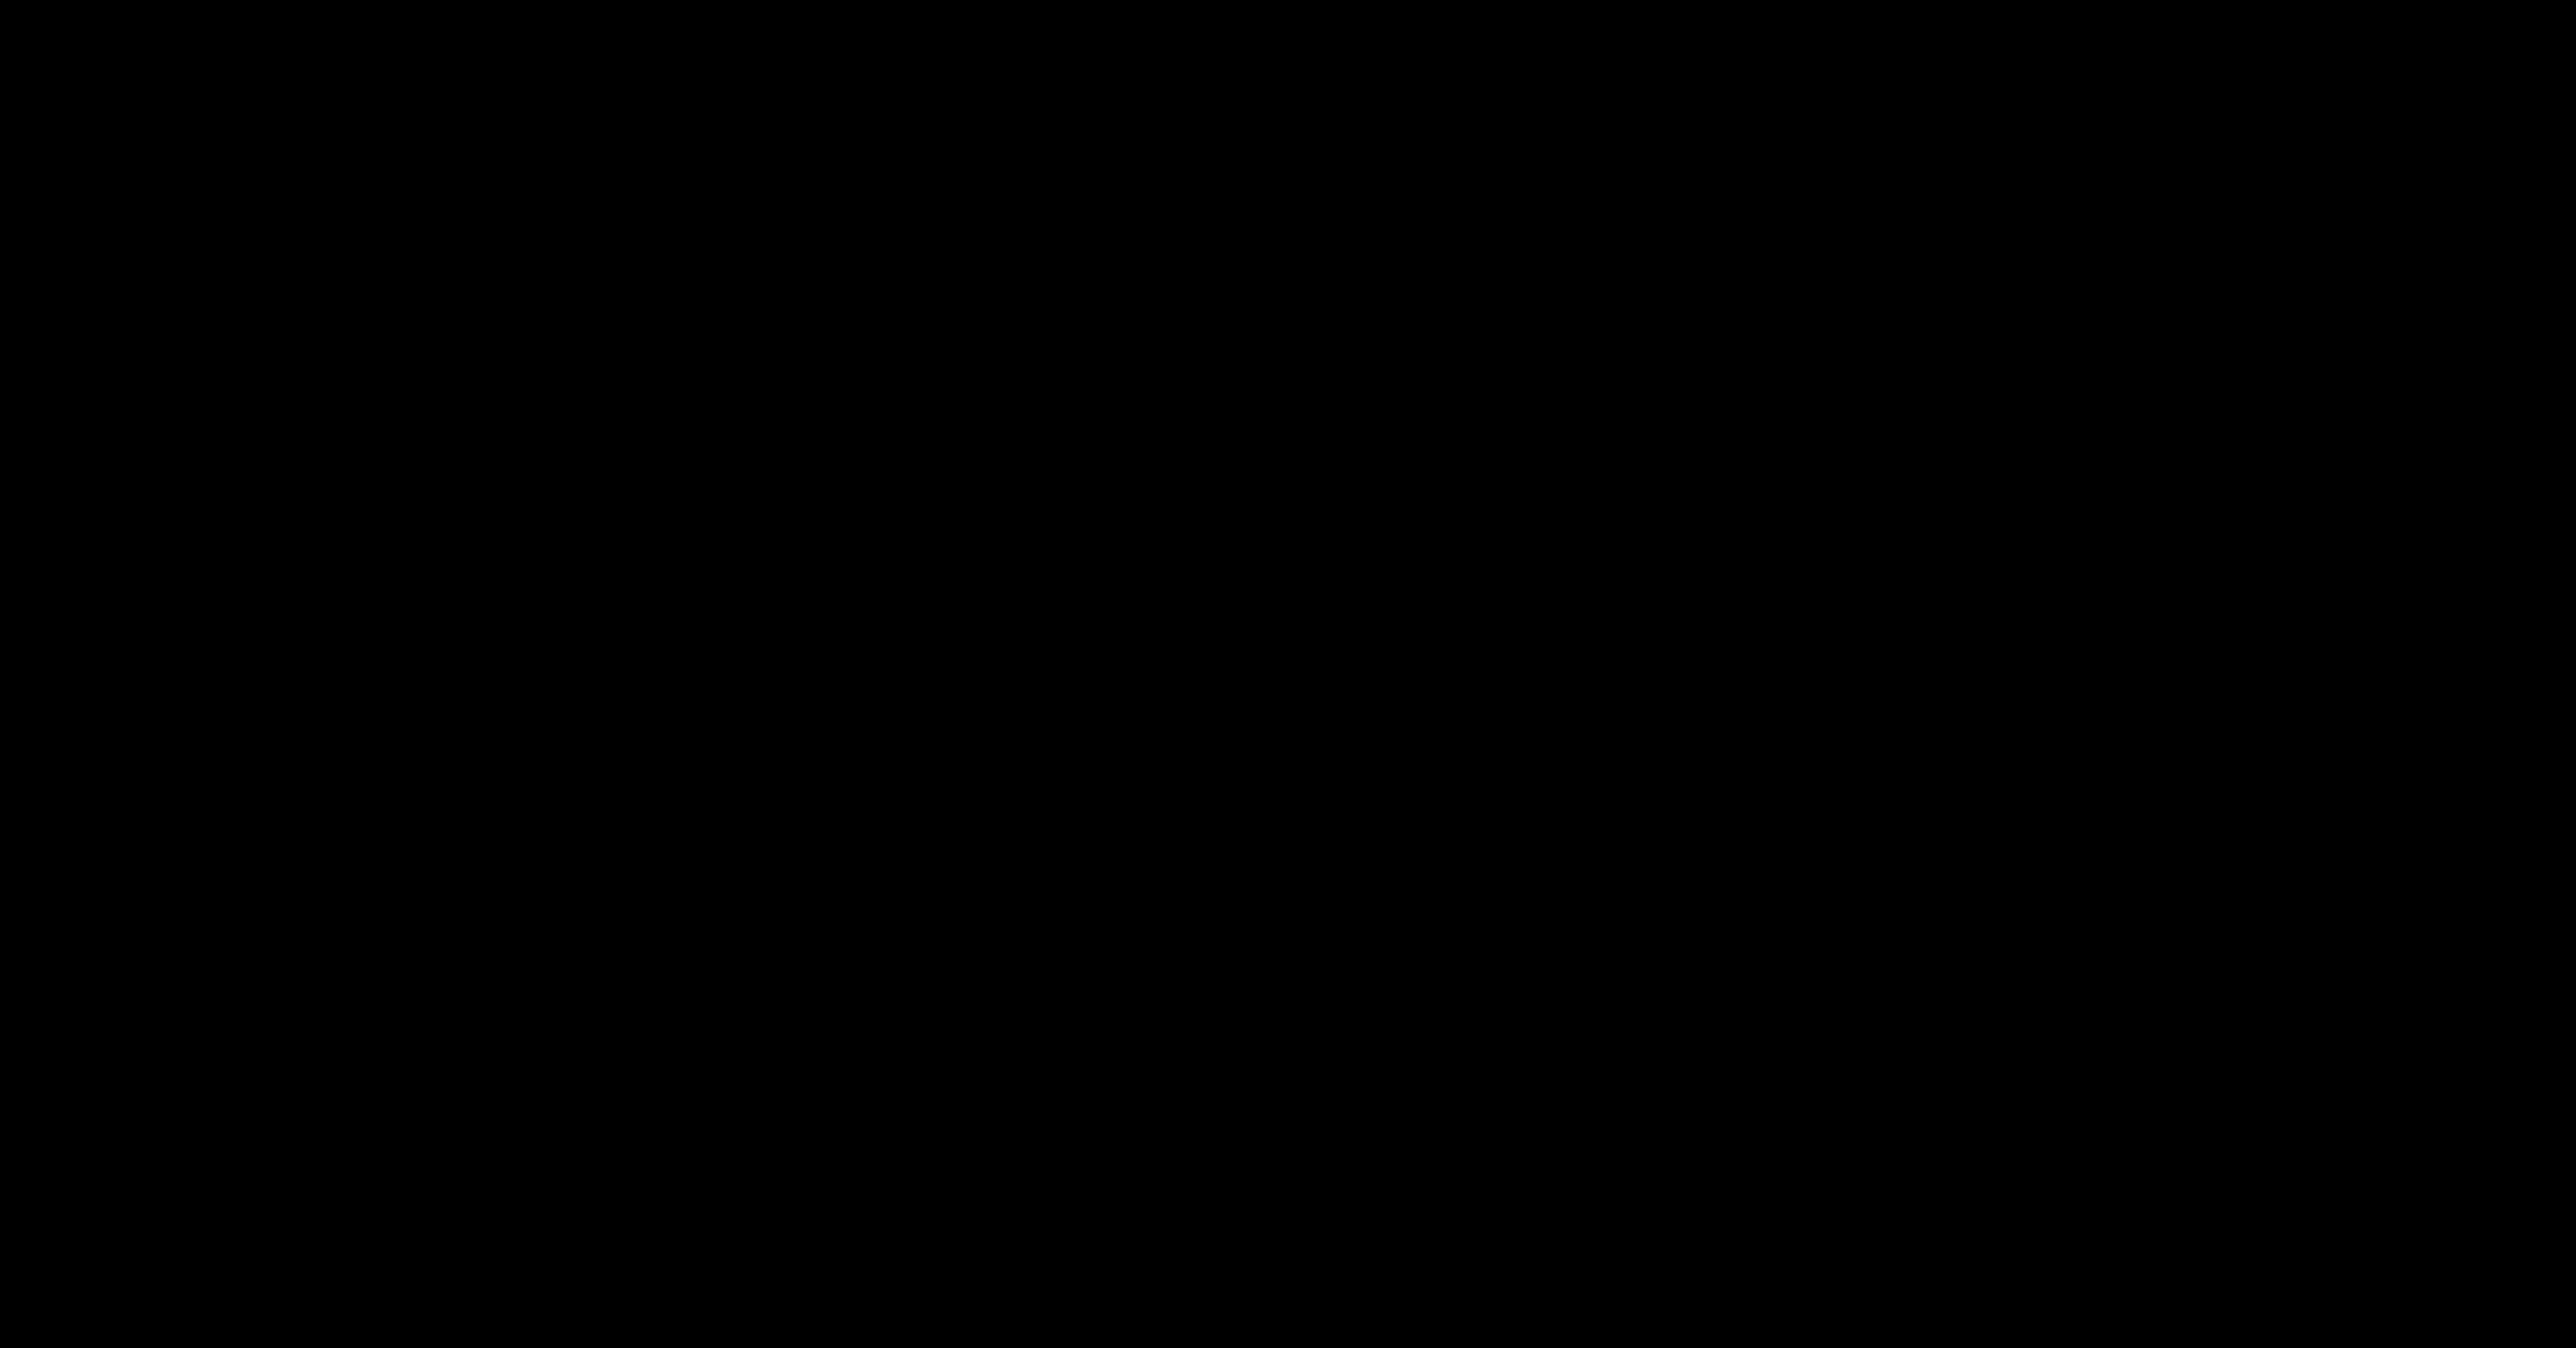 dokument-na-pergaminie-z-1366-roku